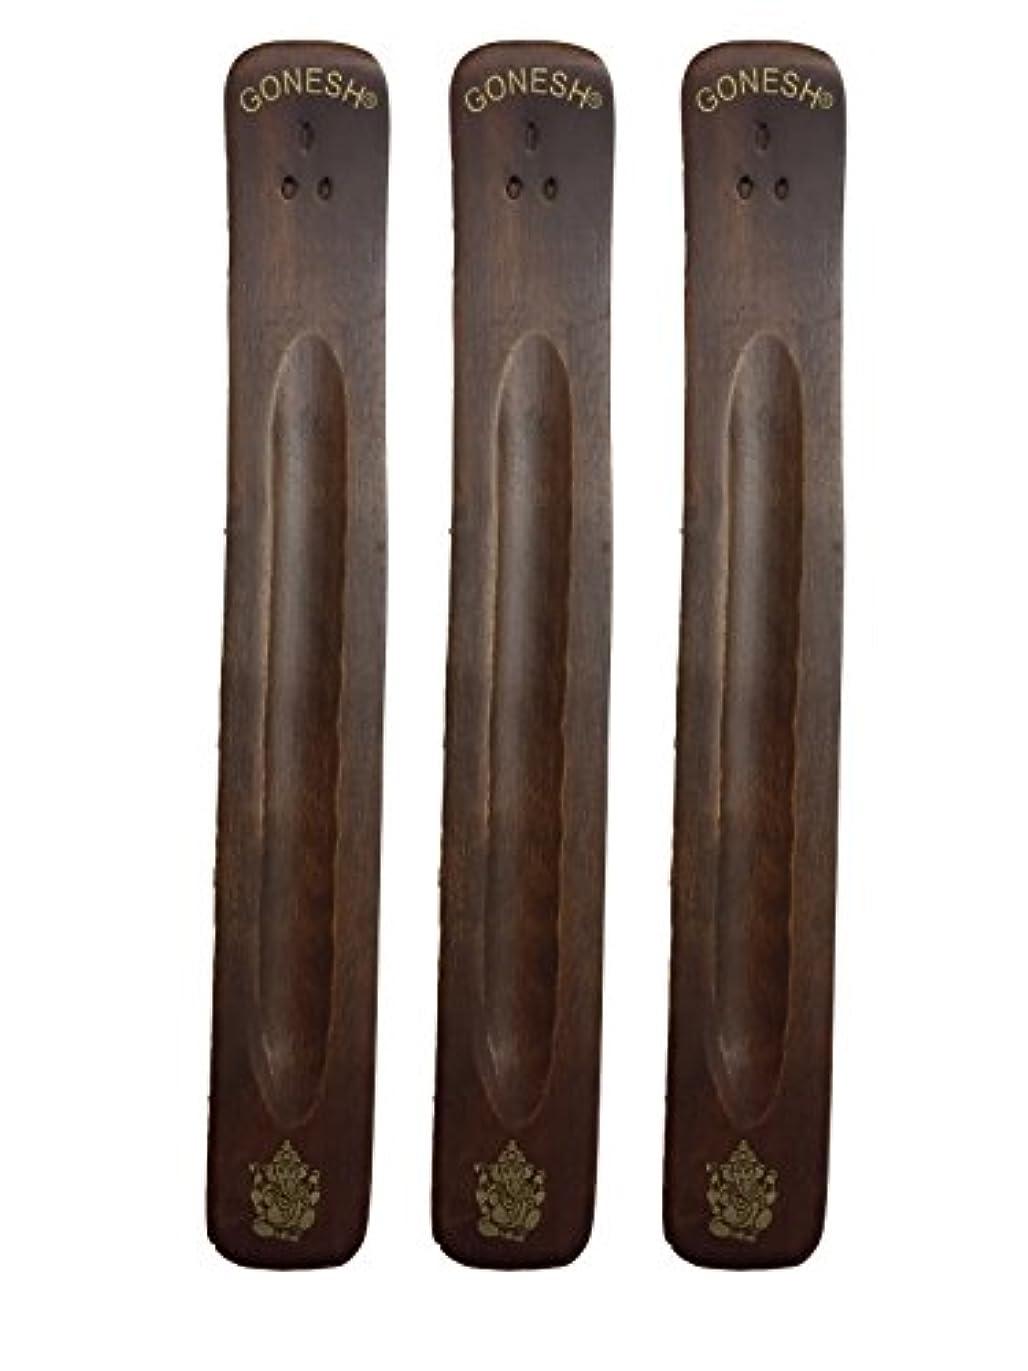 うんざり着陸ビーム3パックGonesh Incense Burner ~ Traditional Incense Holder with Inlaidデザイン~約11インチ、のさまざまなデザイン